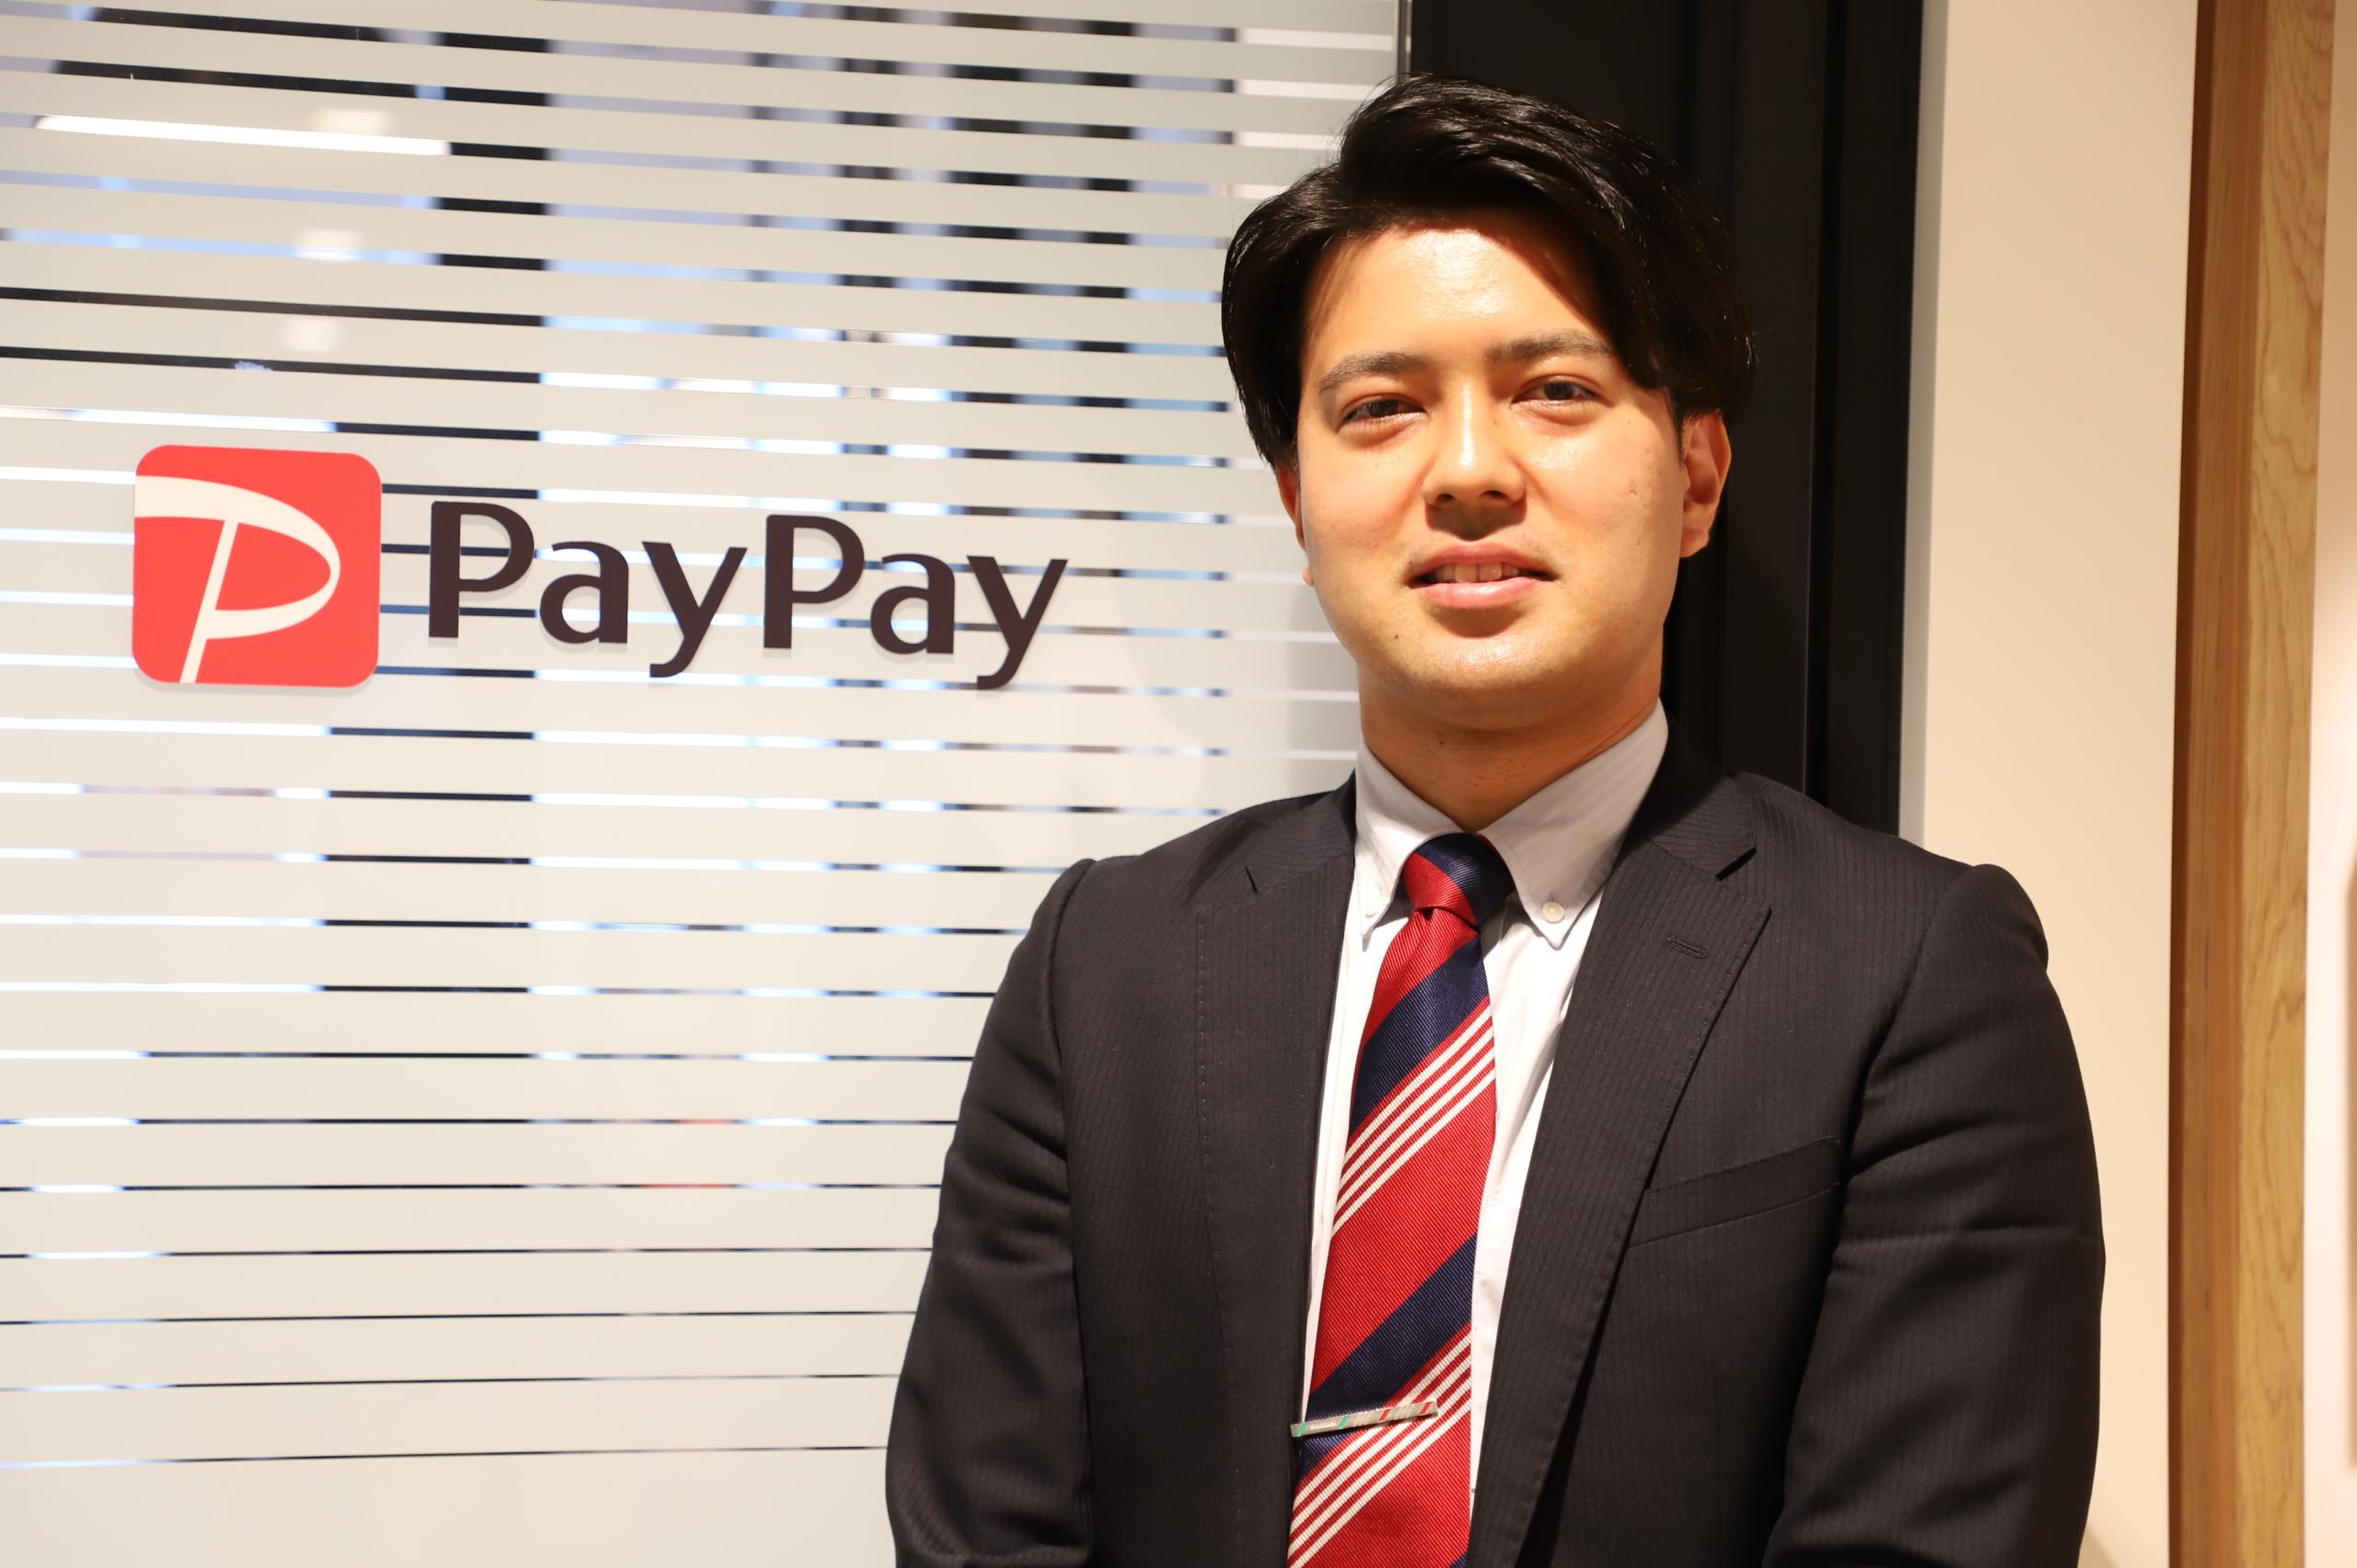 「生活の全てをPayPayで完結できるようにしていきたい」 PayPayこれまでの軌跡と見据える未来